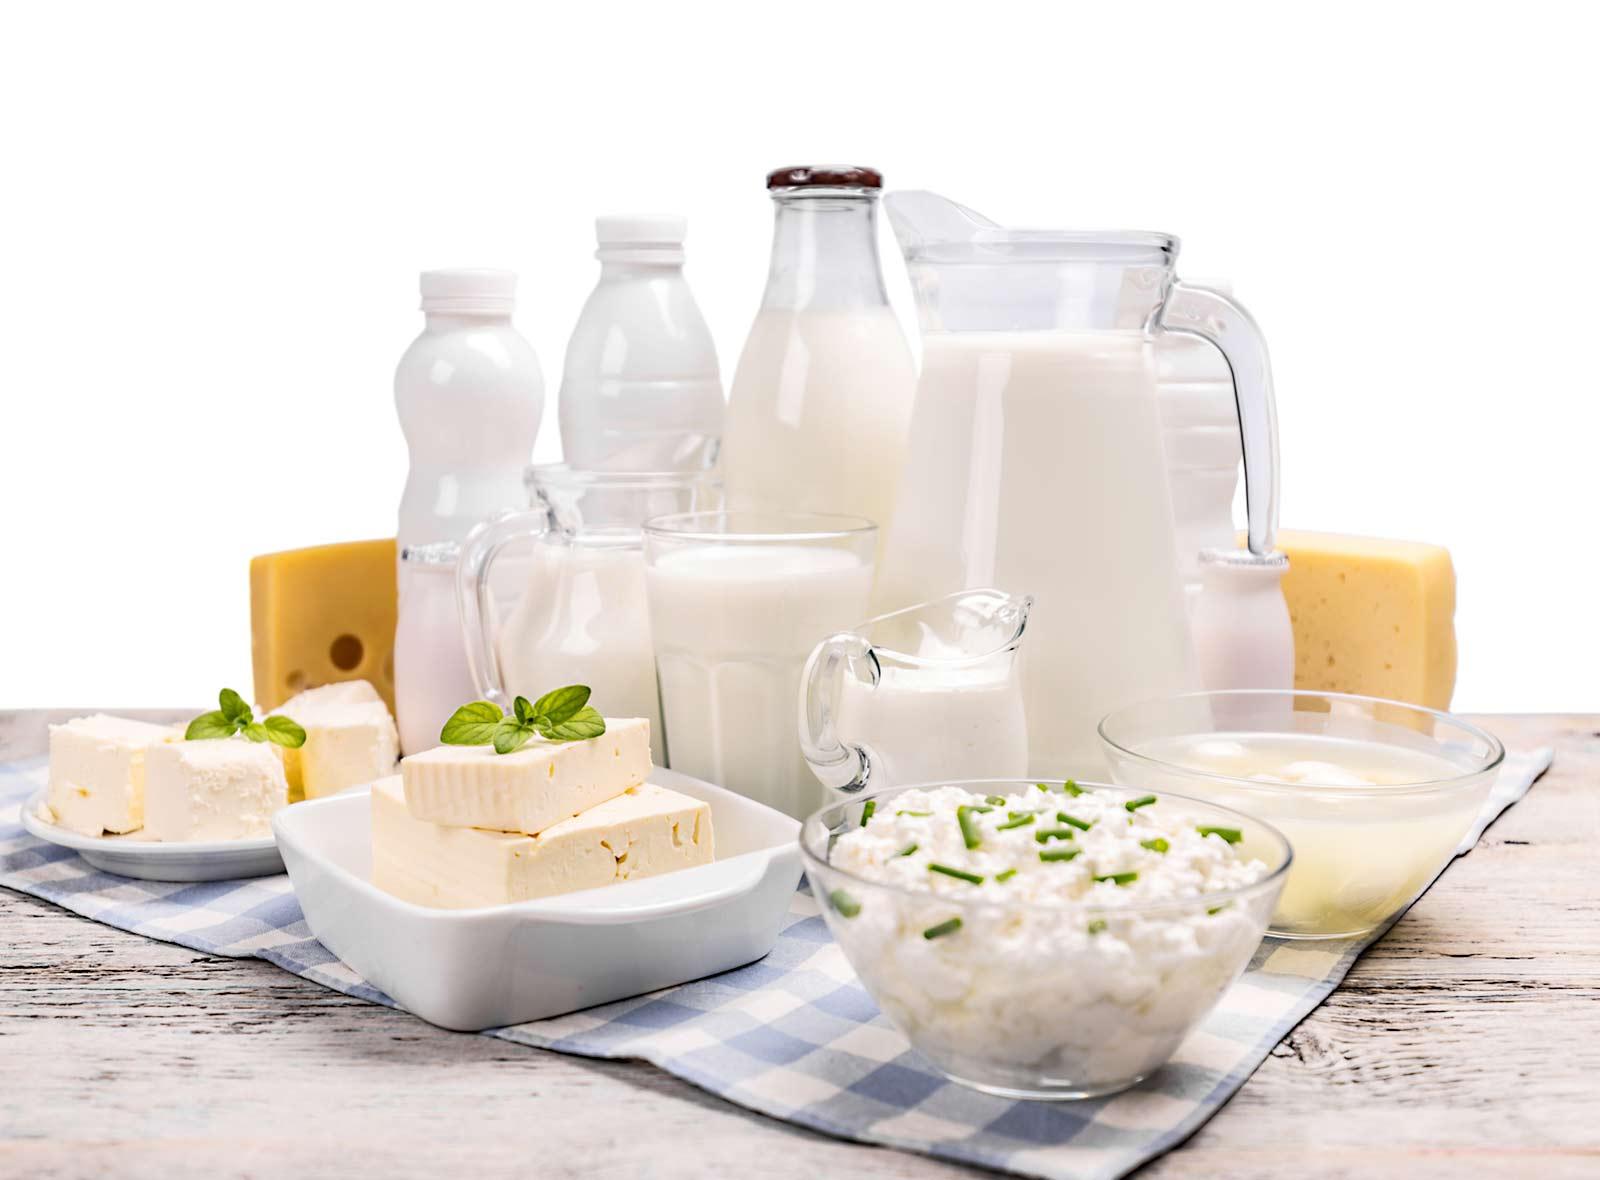 Bio-Milchprodukte aus nährstoffreicher Bio-Milch